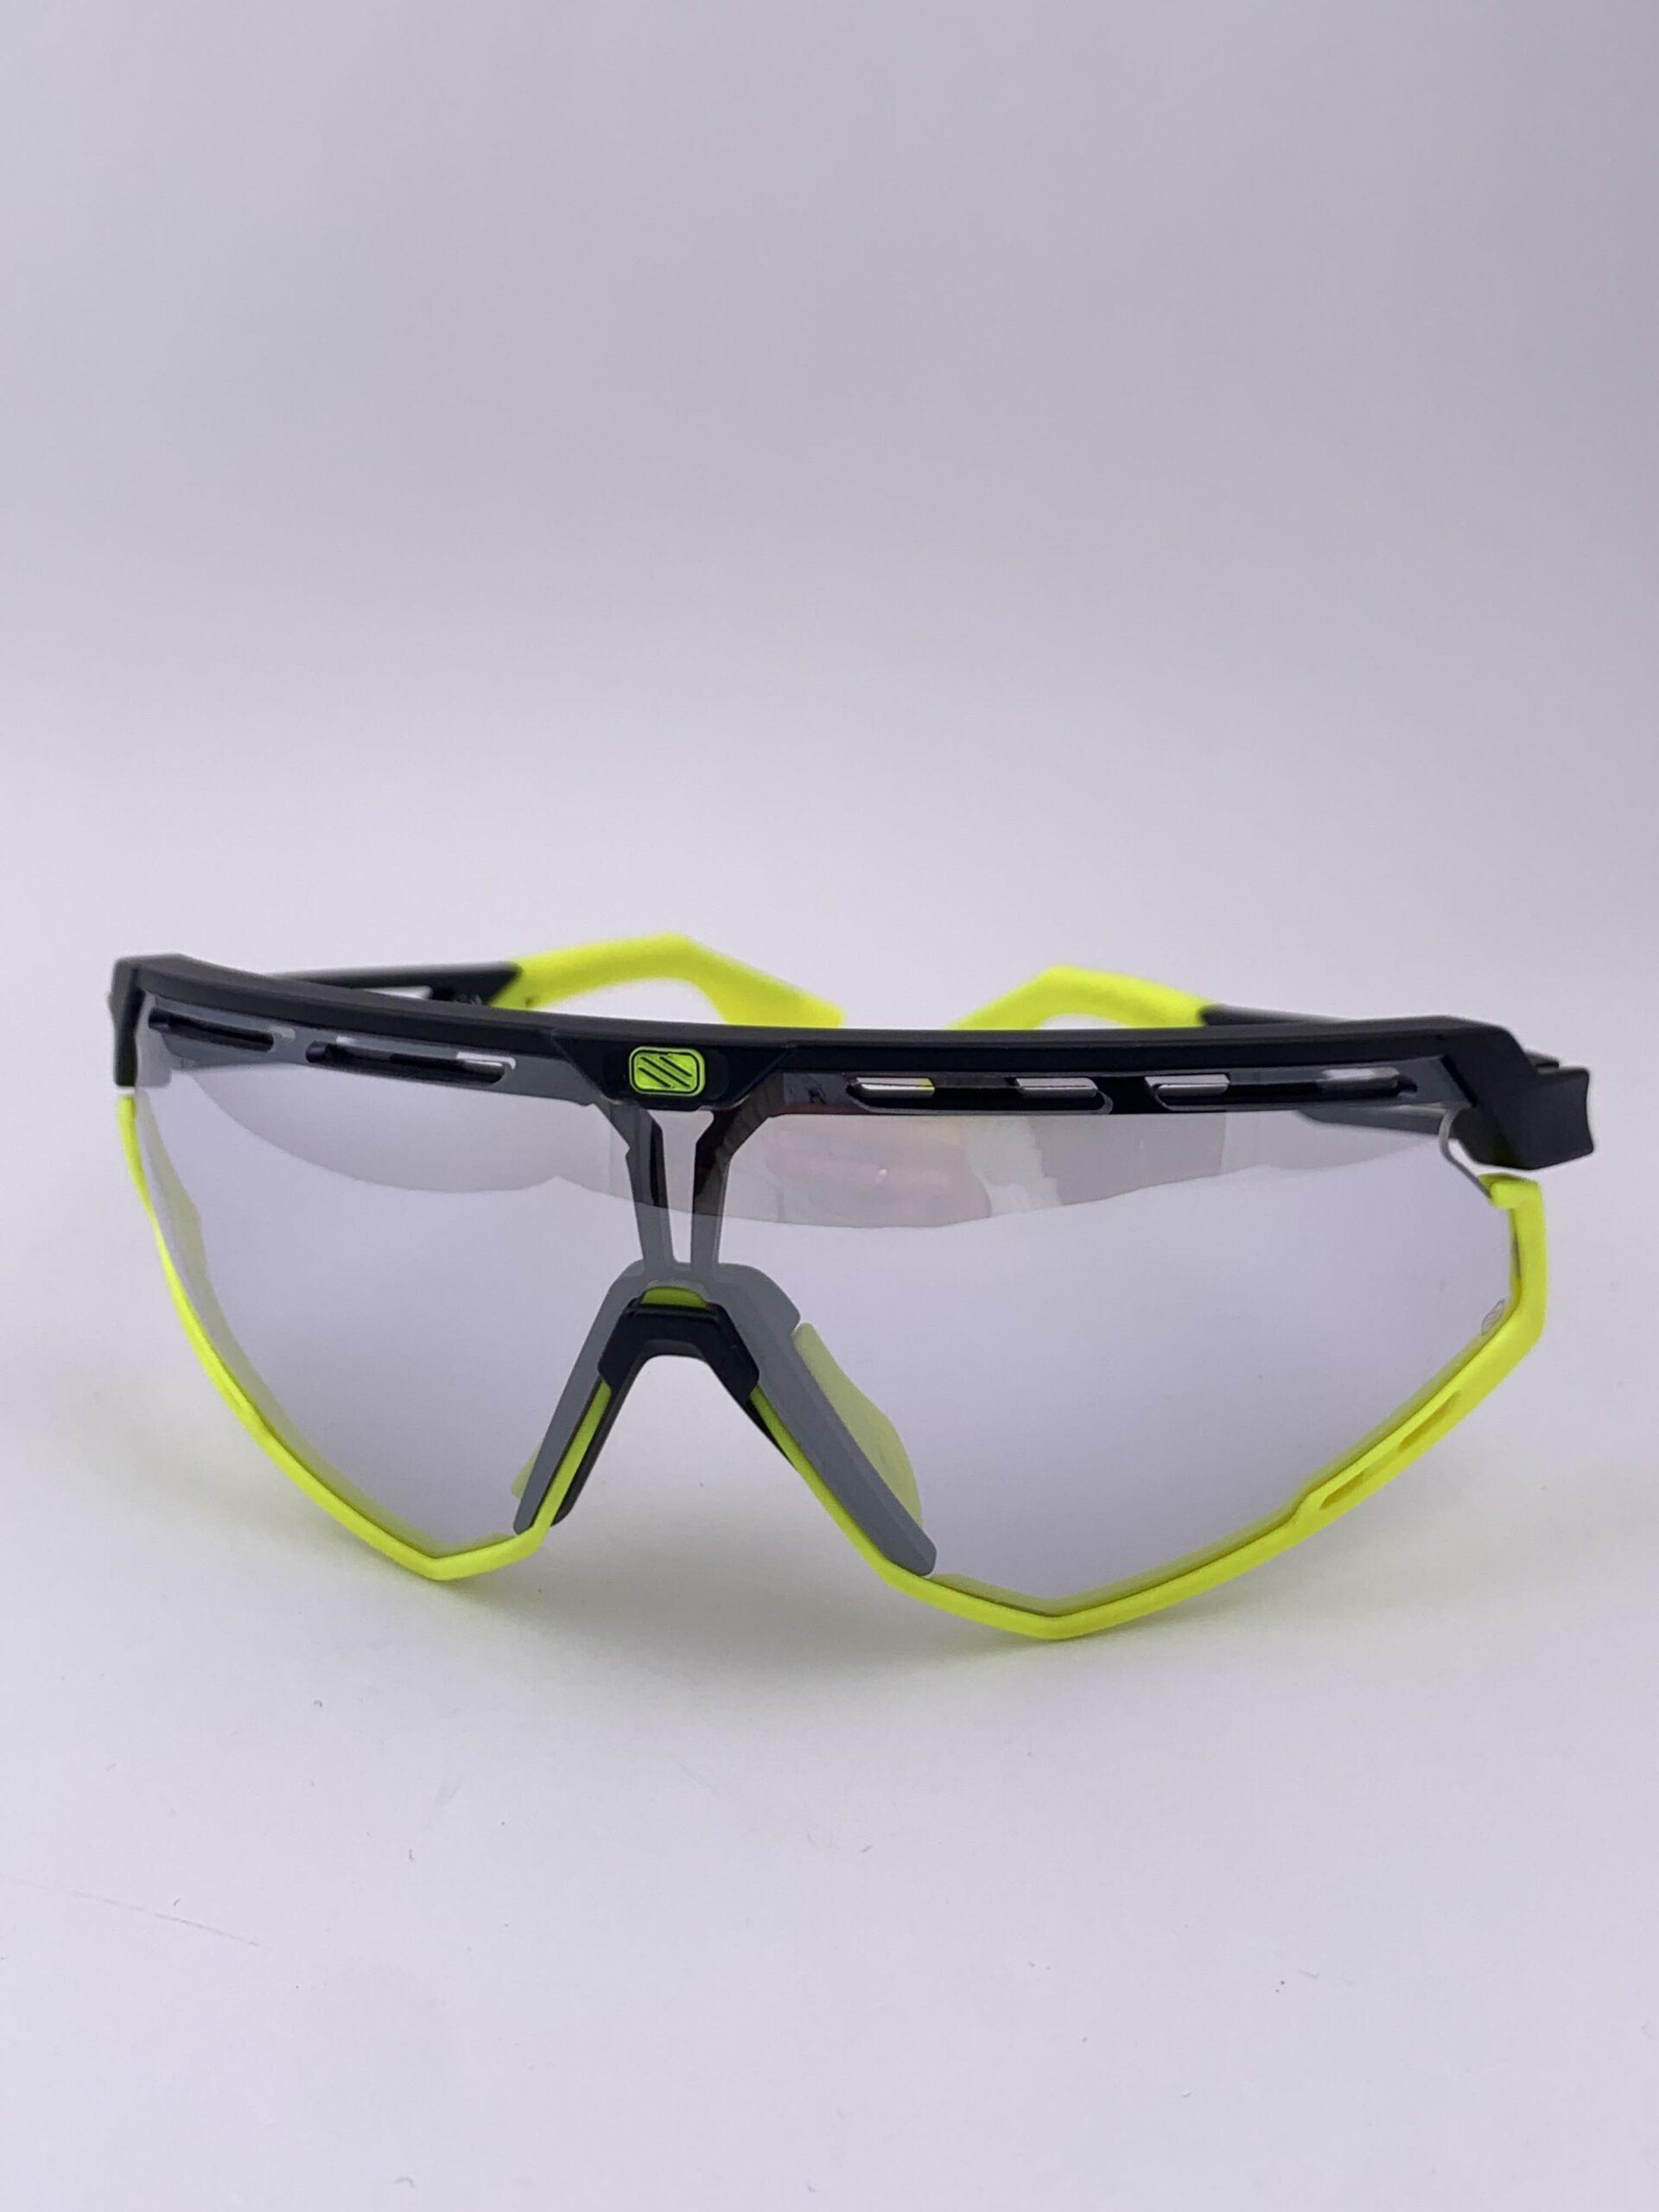 Cyklistické okuliare Defender žlté fluo